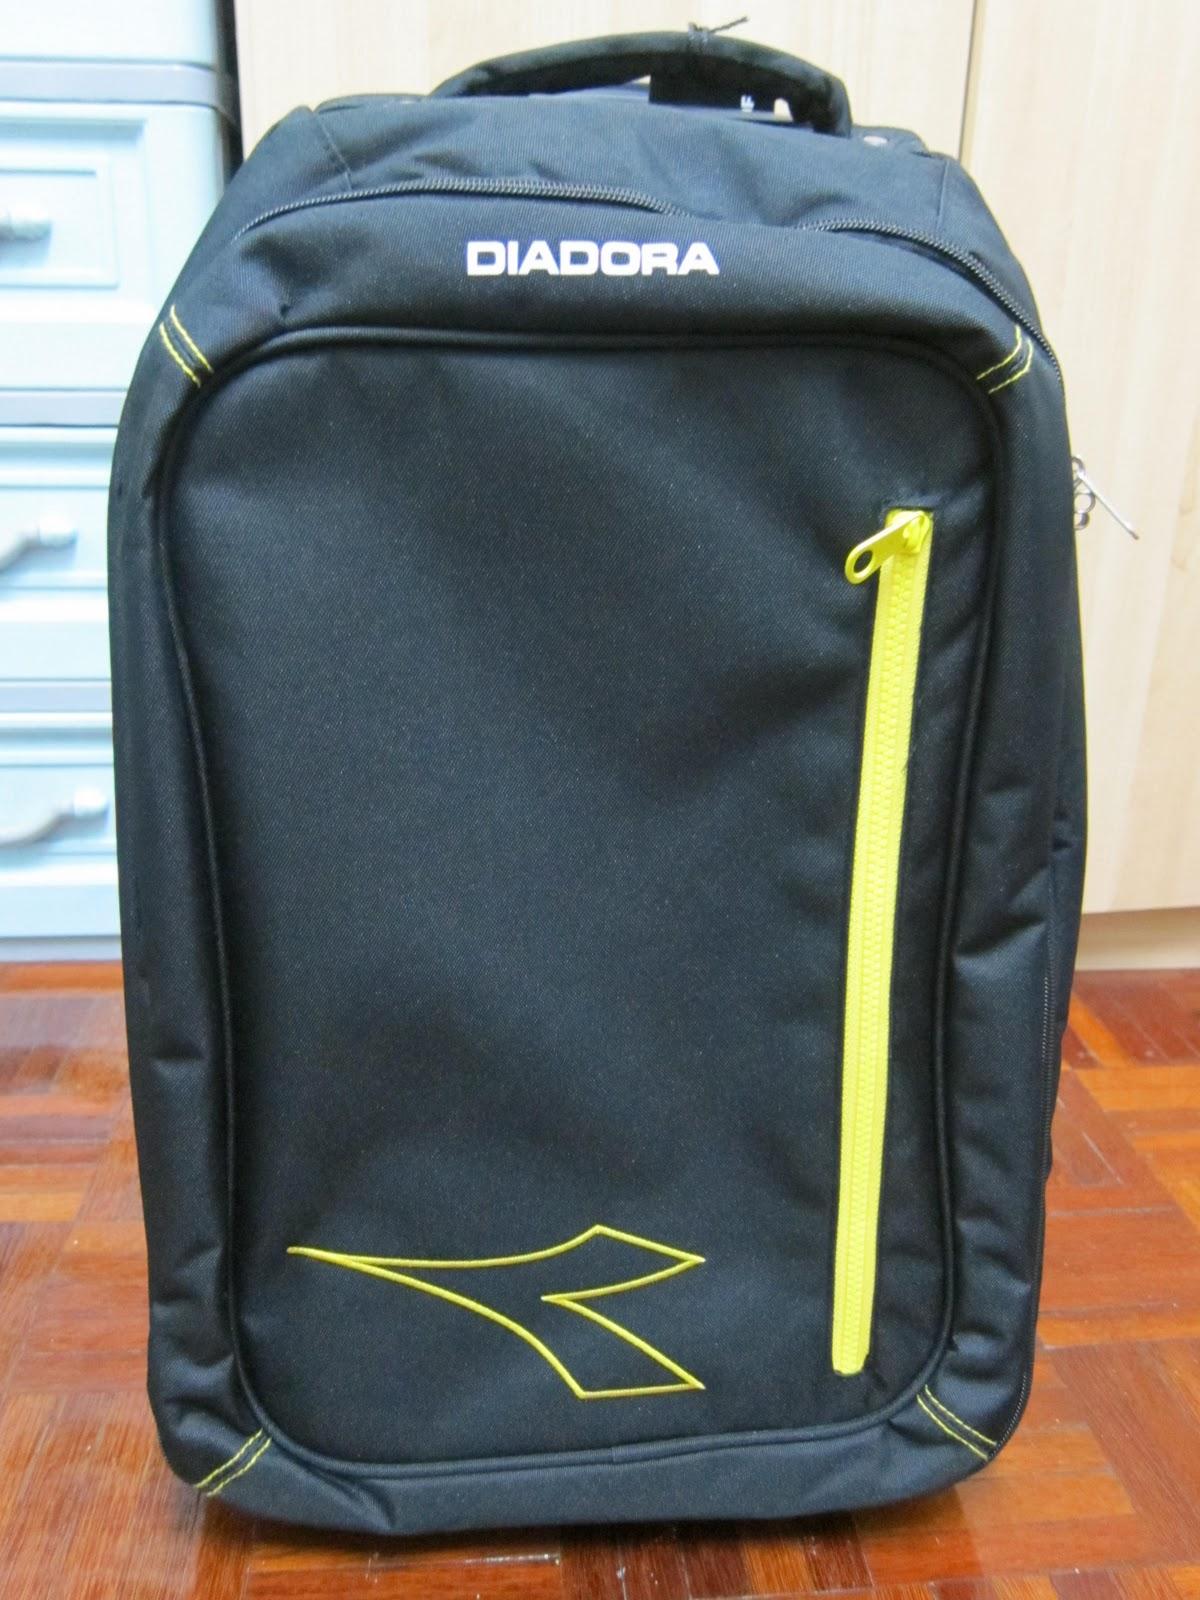 BTANG Diadora Luggage Bag